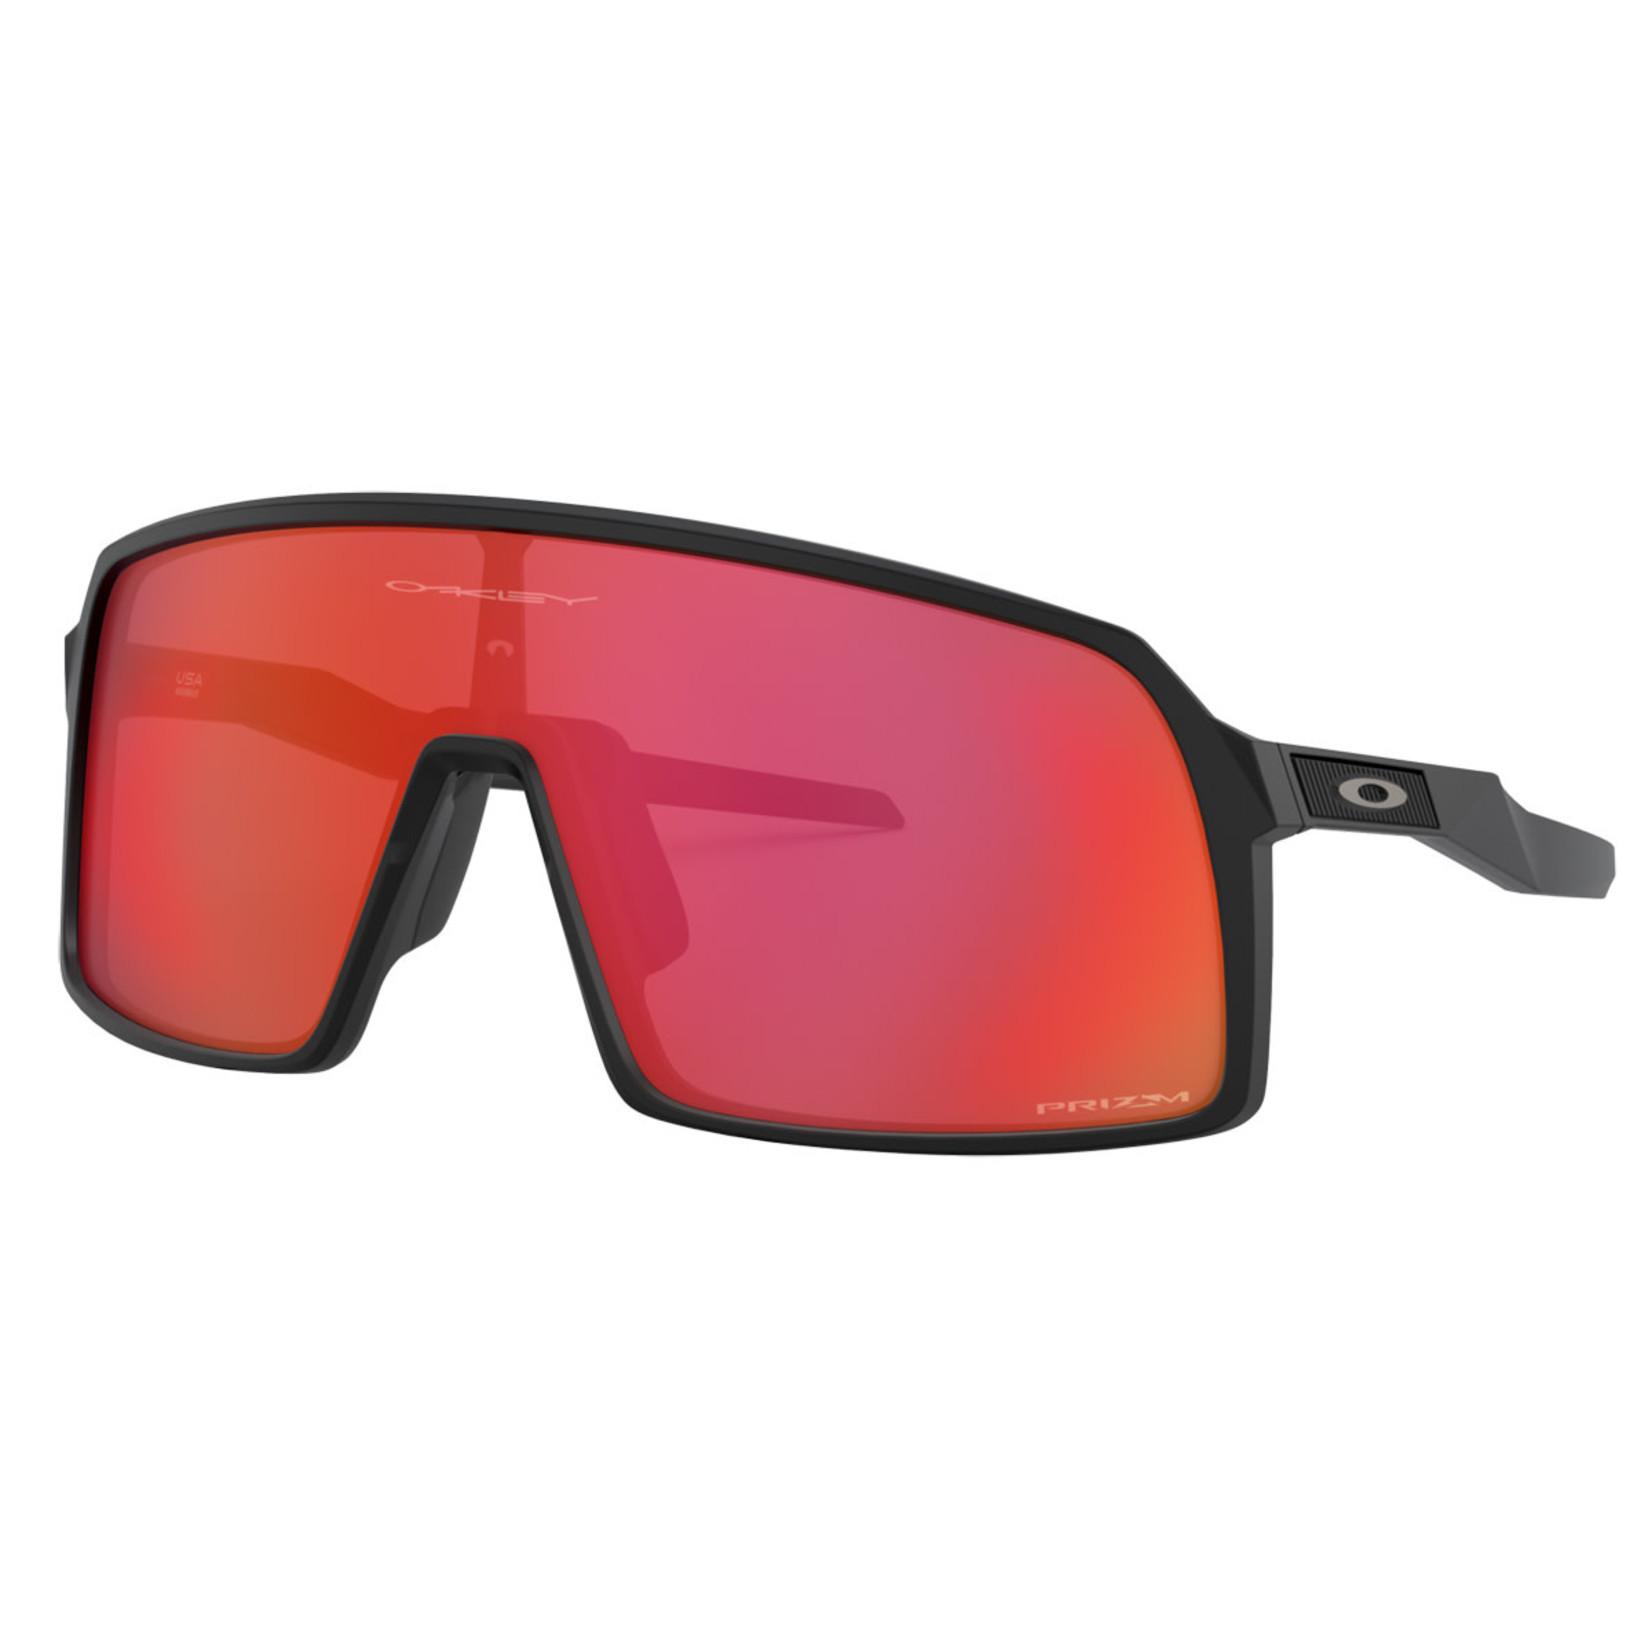 Oakley Oakley Sunglasses, Sutro, Matte Blk, Prizm Trail Torch